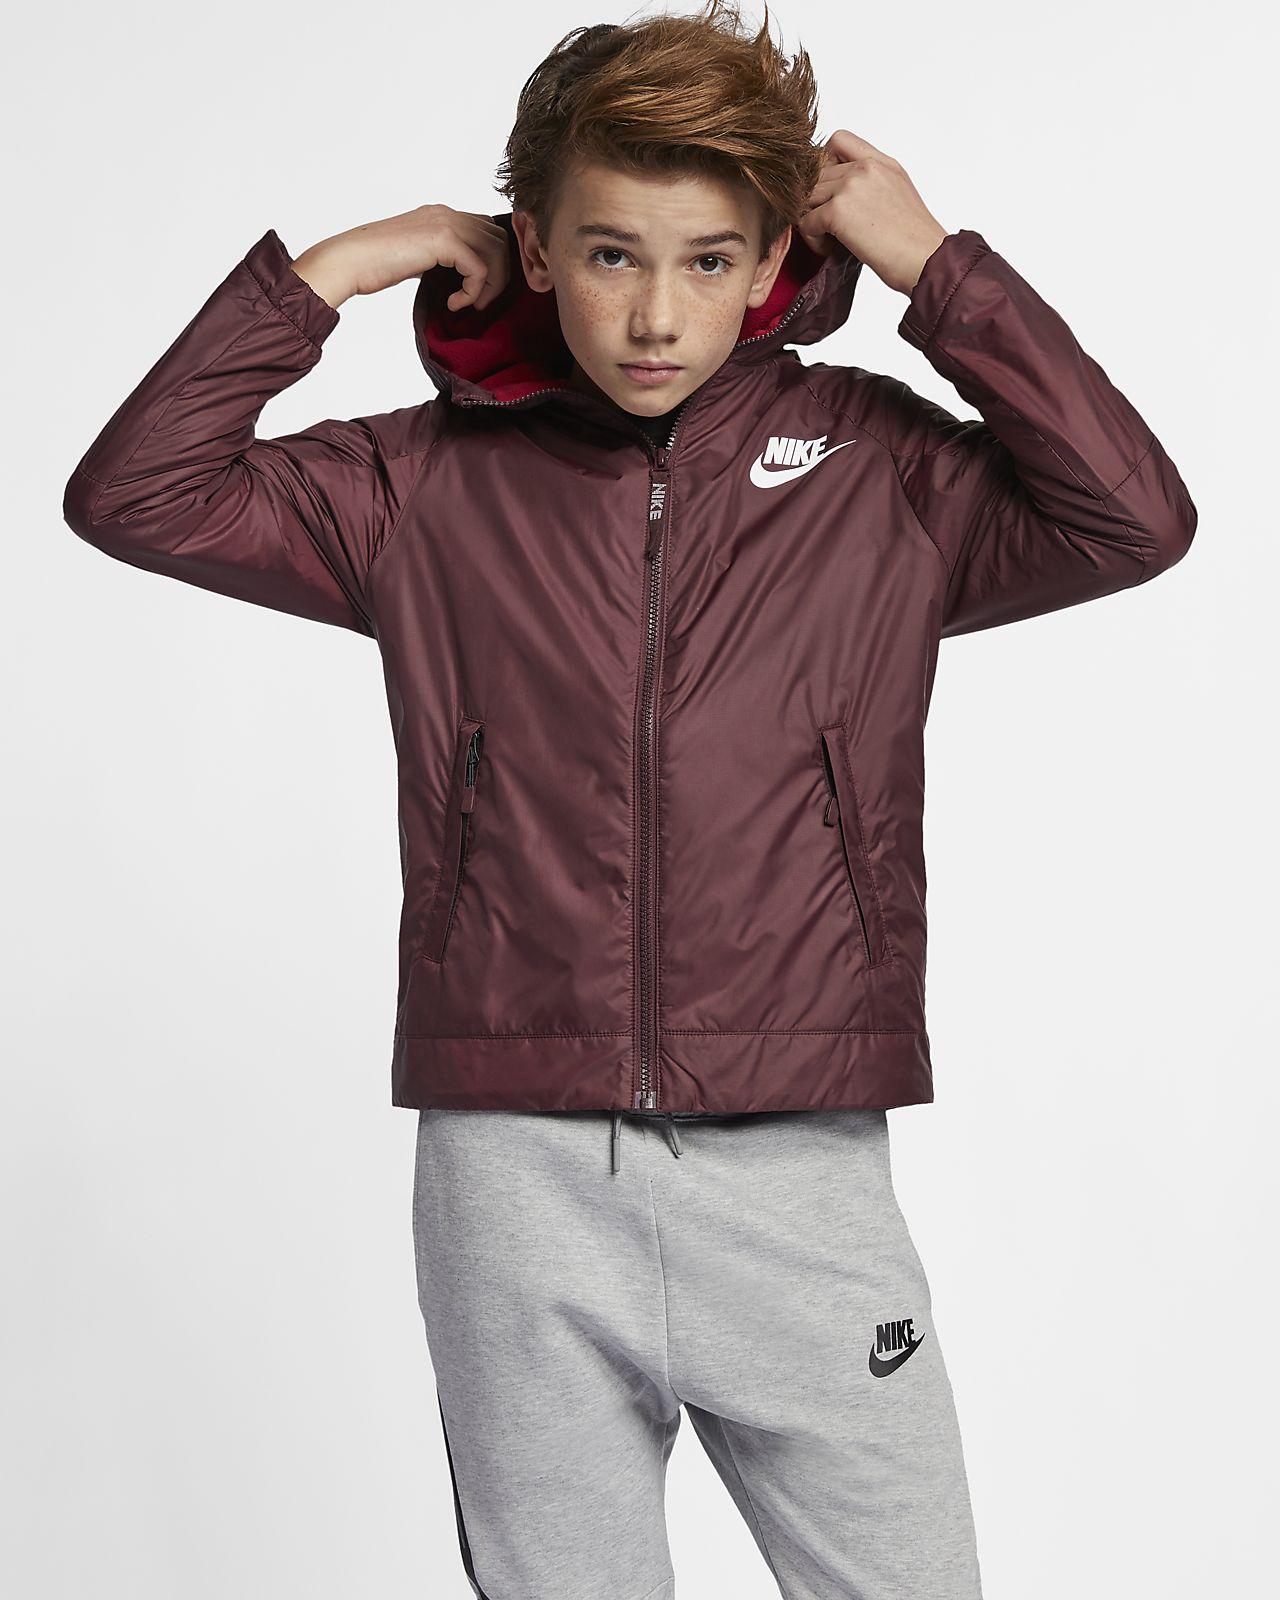 Jacka Nike Sportswear för ungdom